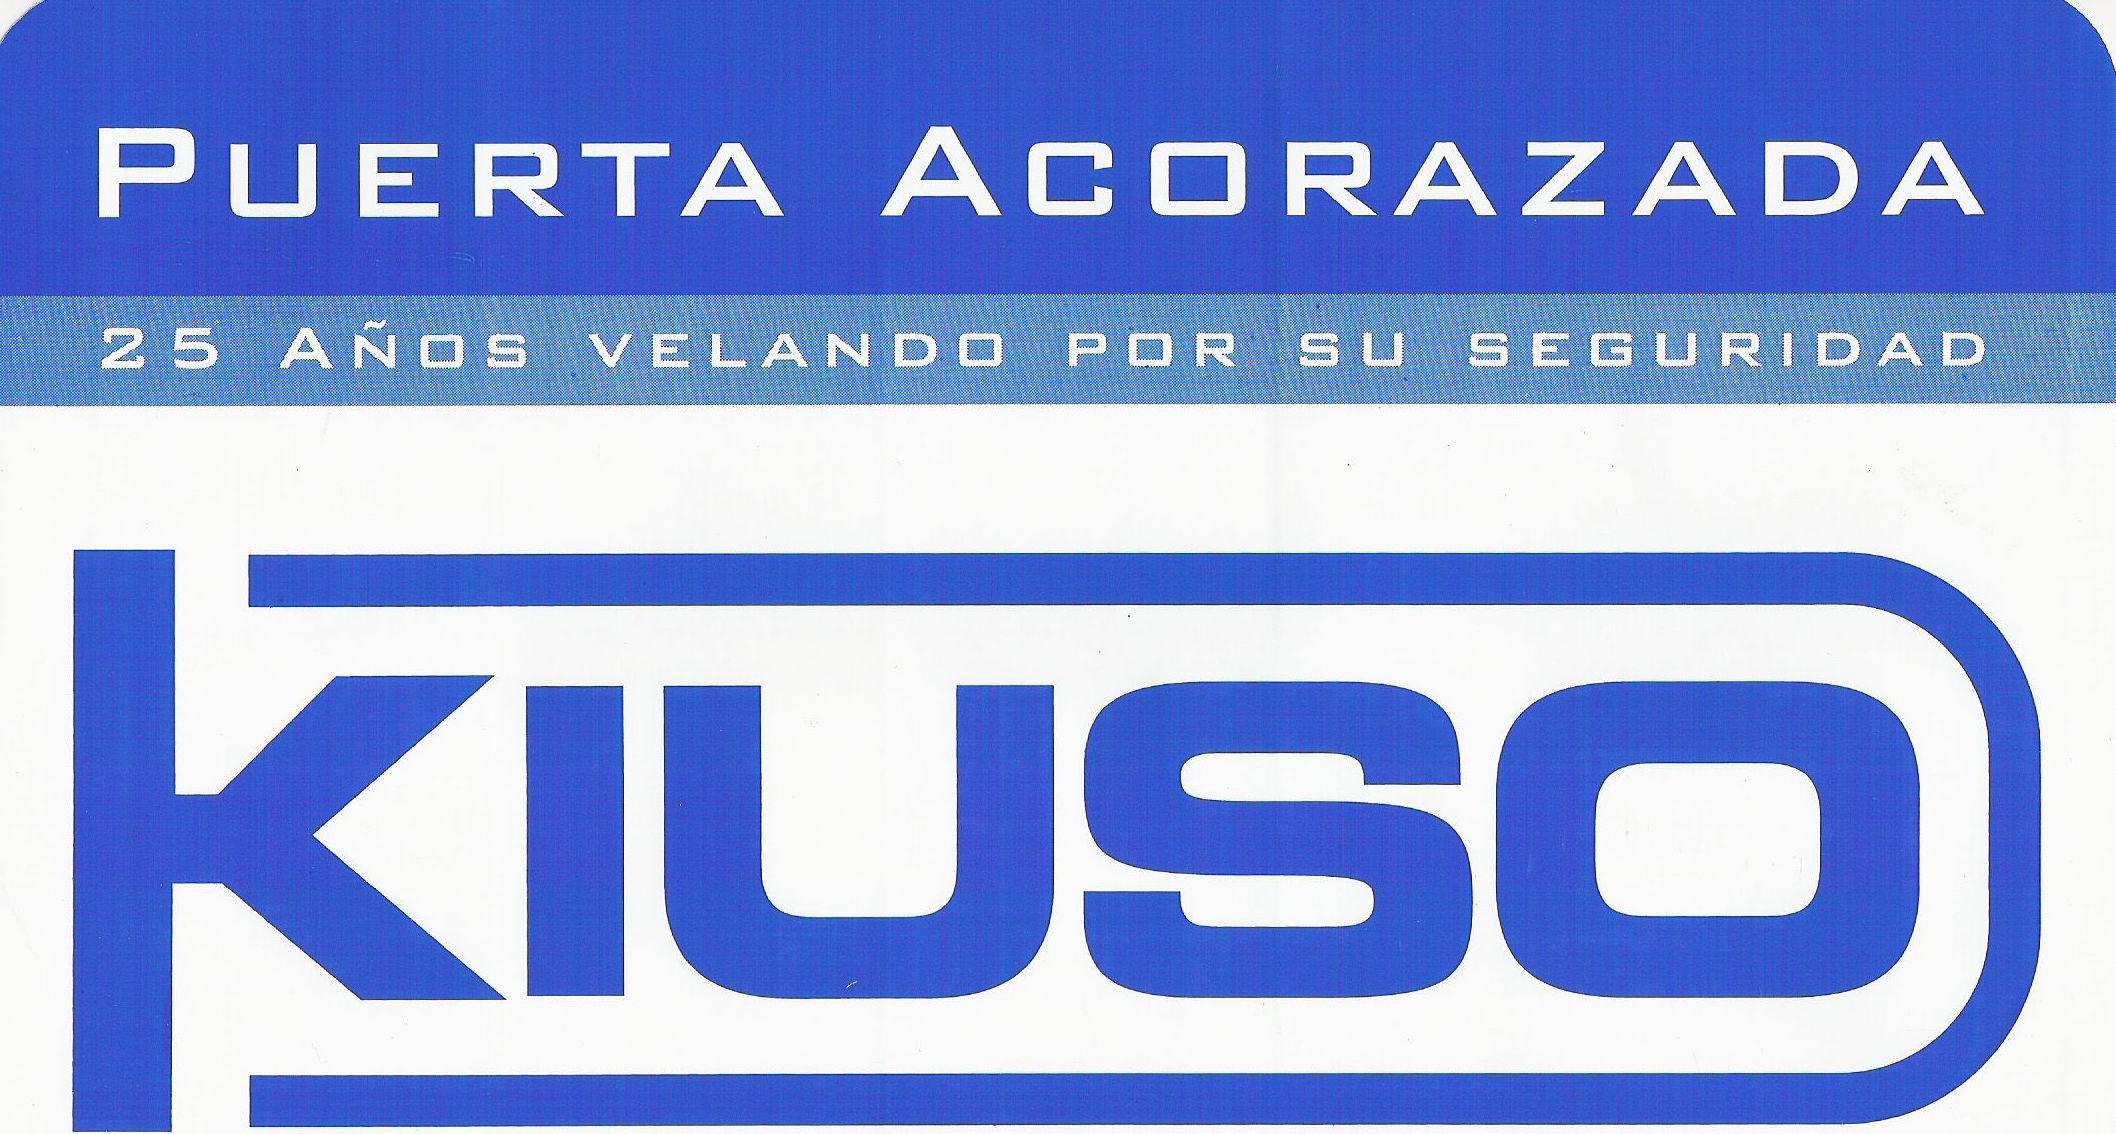 Distribuidor oficial de puertas acorazadas kiuso - Puertas kiuso ...